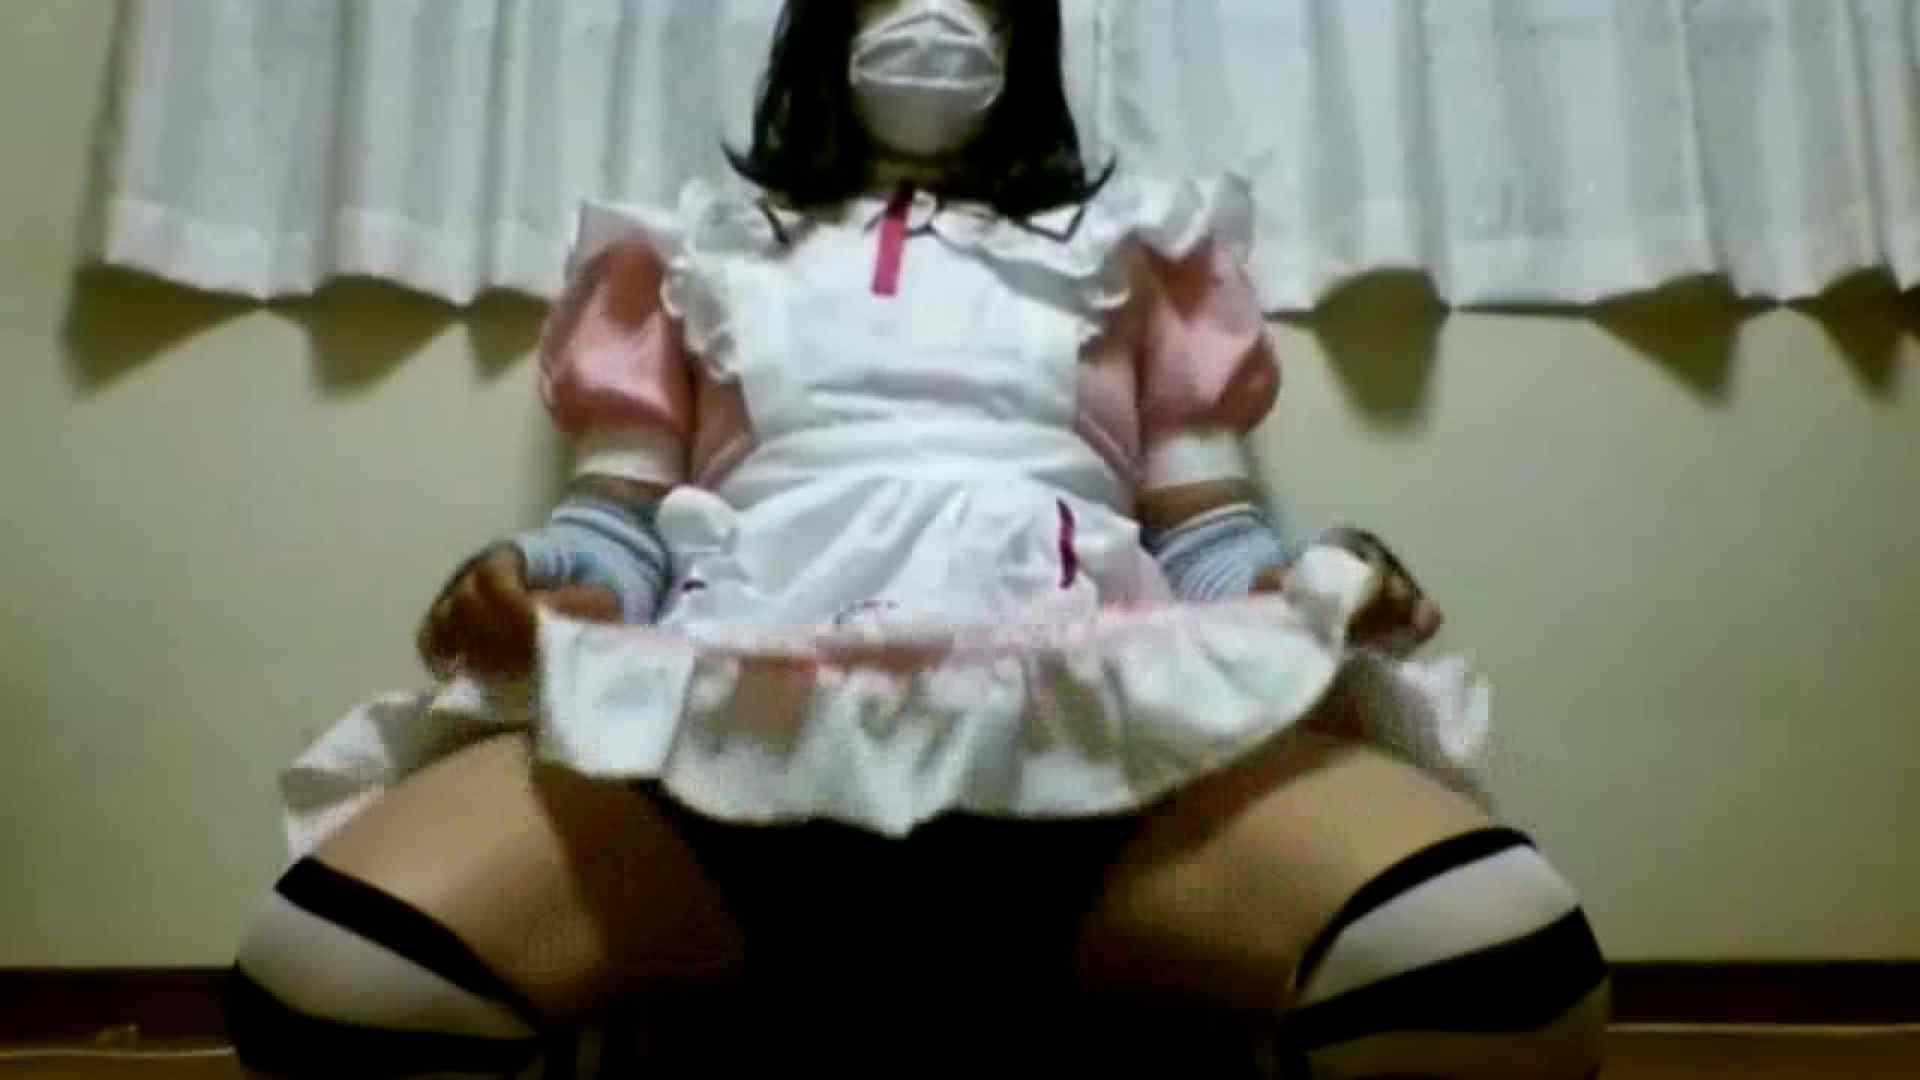 男のKOスプレー!Vol.10 無修正 ゲイアダルト画像 73pic 26